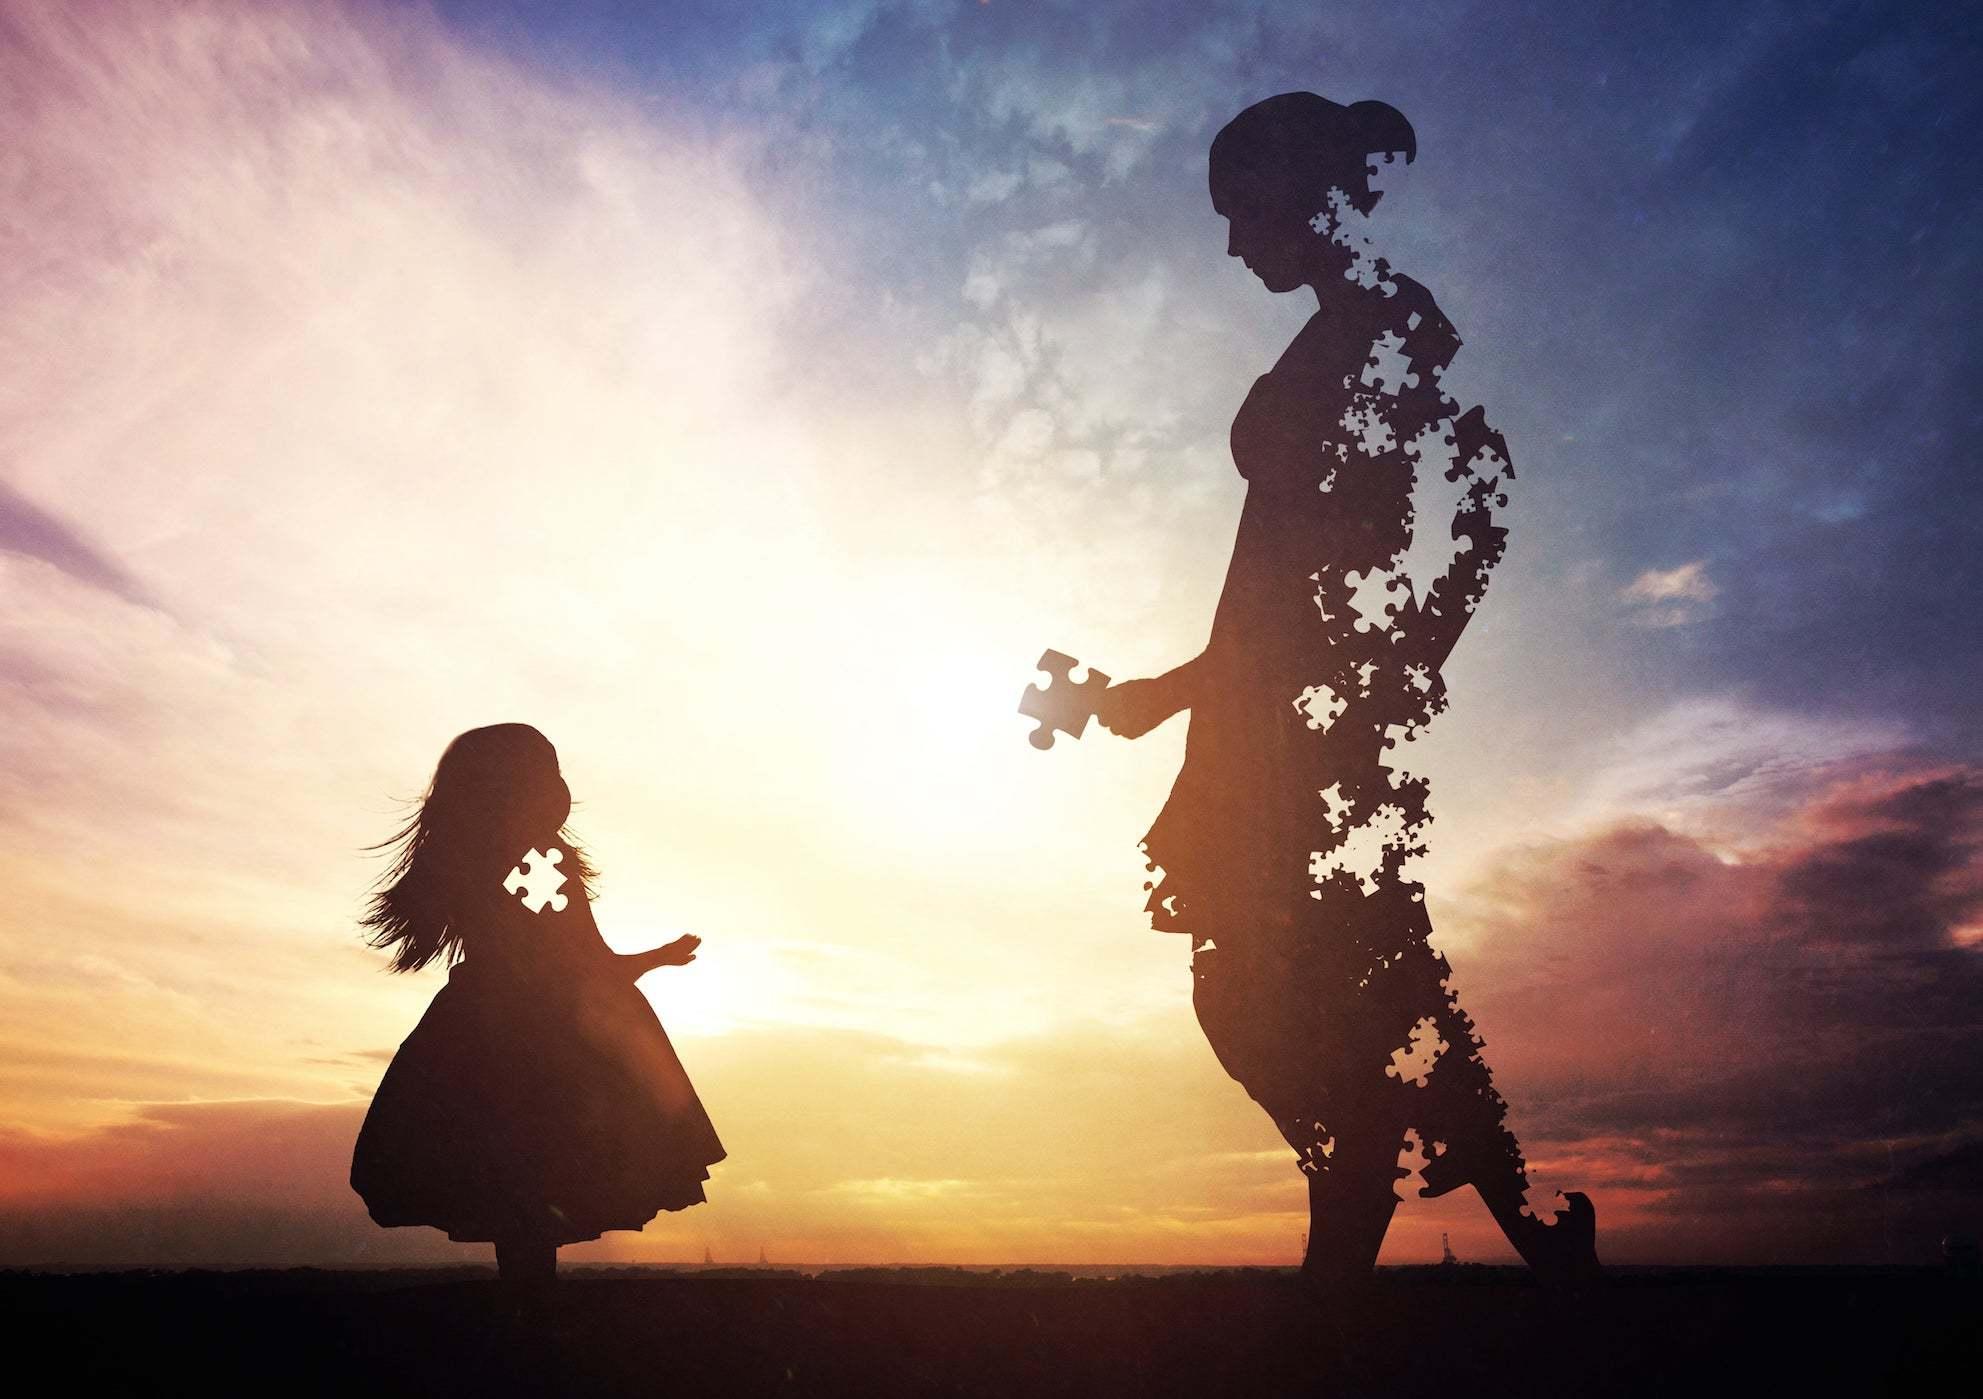 Giocare un ruolo Adulto nelle relazioni: la maturità come difesa sana | Dipendiamo.blog